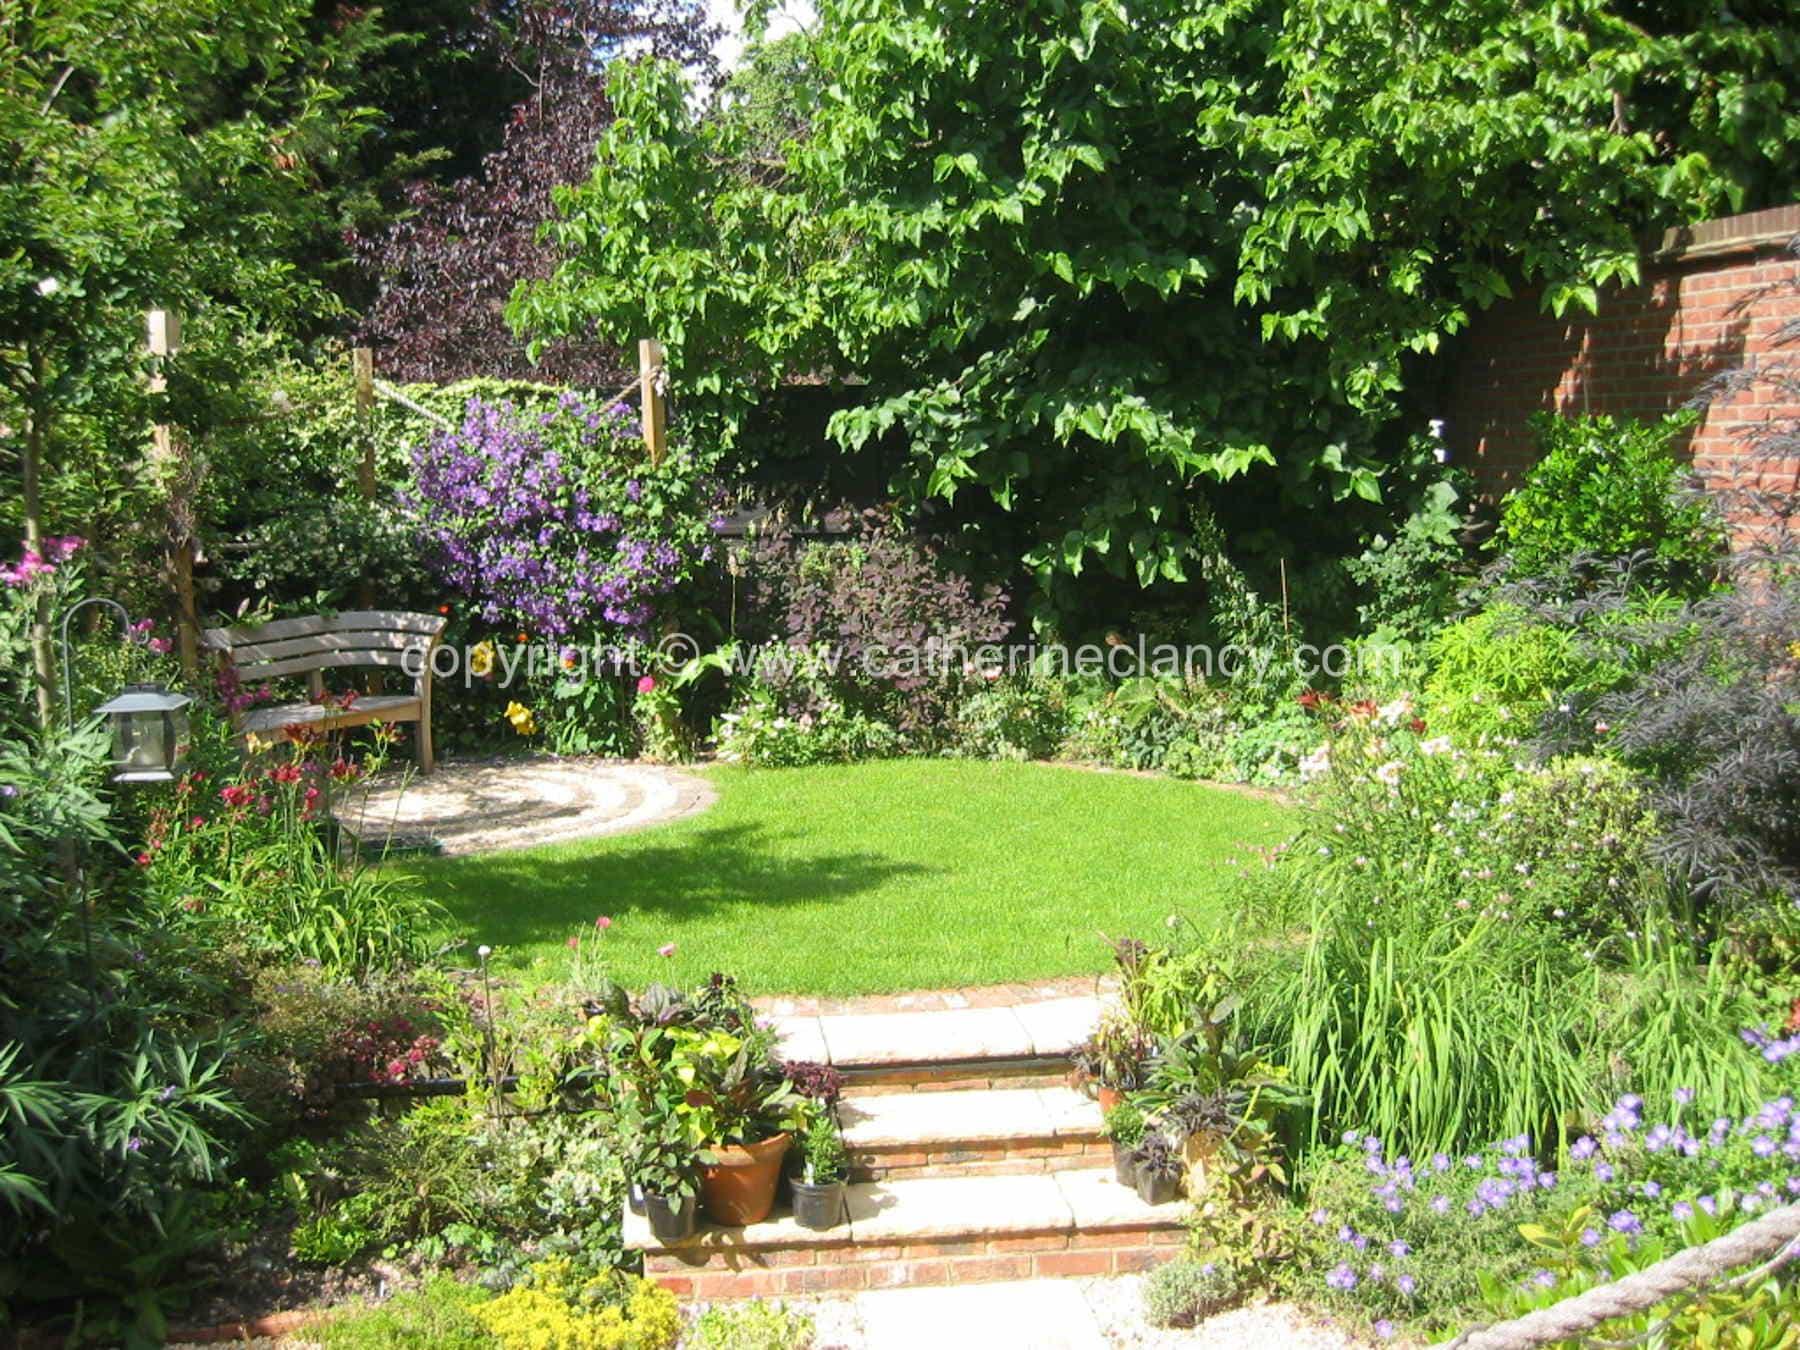 blackheath-walled-garden-1